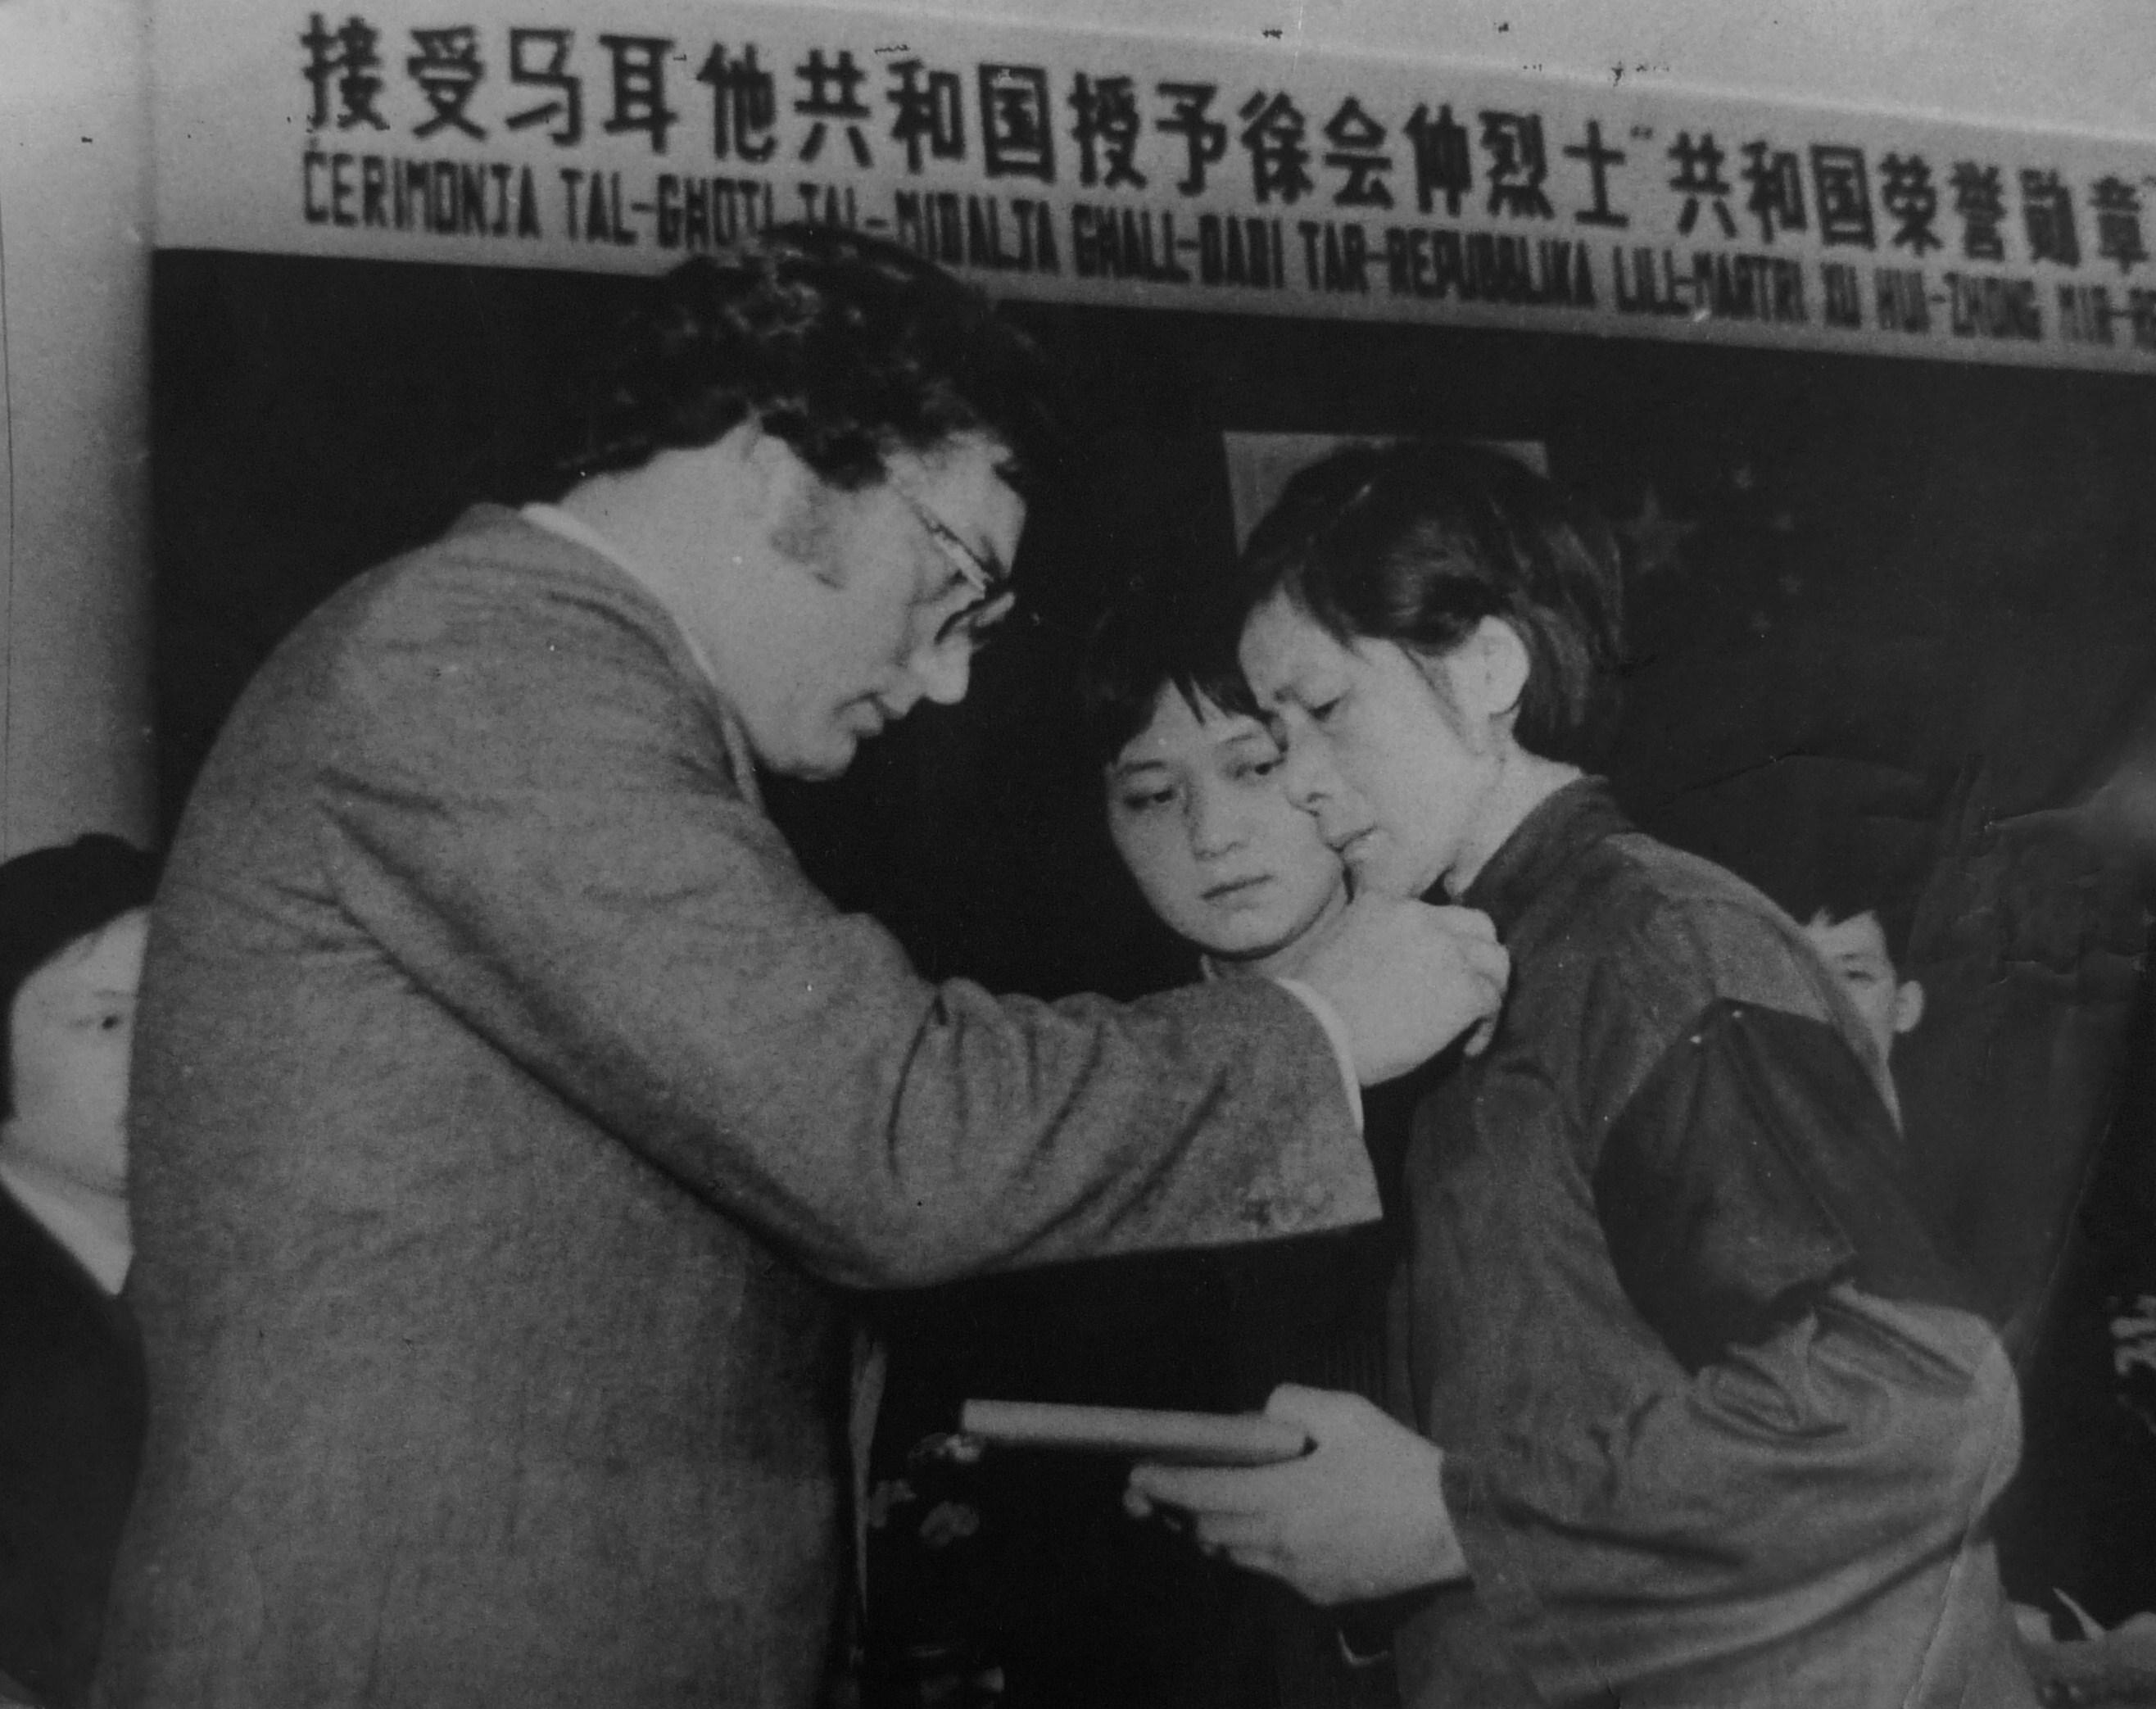 L-ex Ministru Reno Calleja qed jghaddi l-Midalja lill-armla tal-inginier Xu Huizhong.JPG